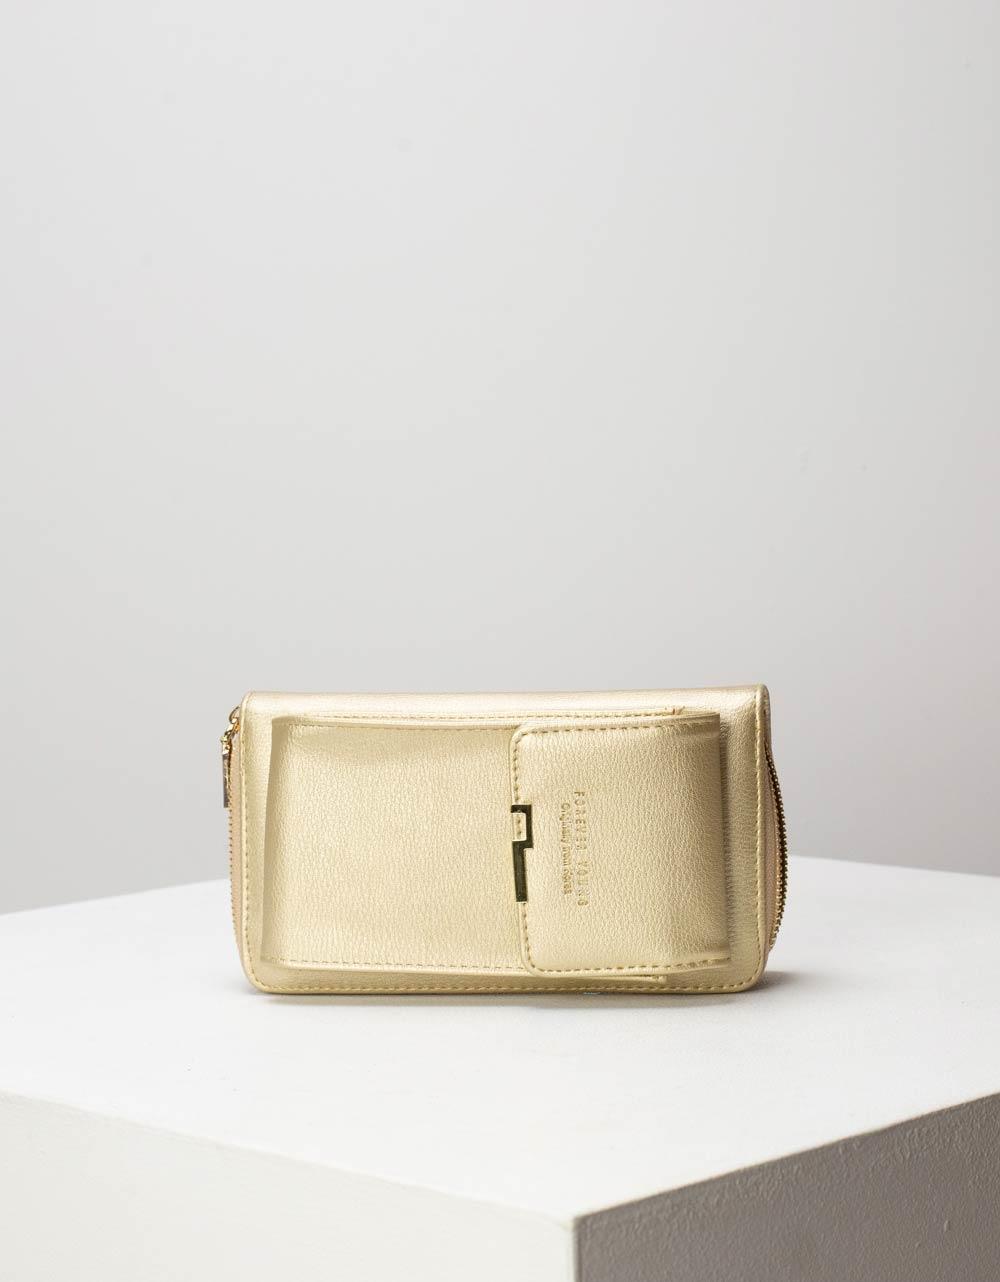 Εικόνα από Γυναικεία πορτοφόλια με εξωτερική θήκη κινητού Χρυσό